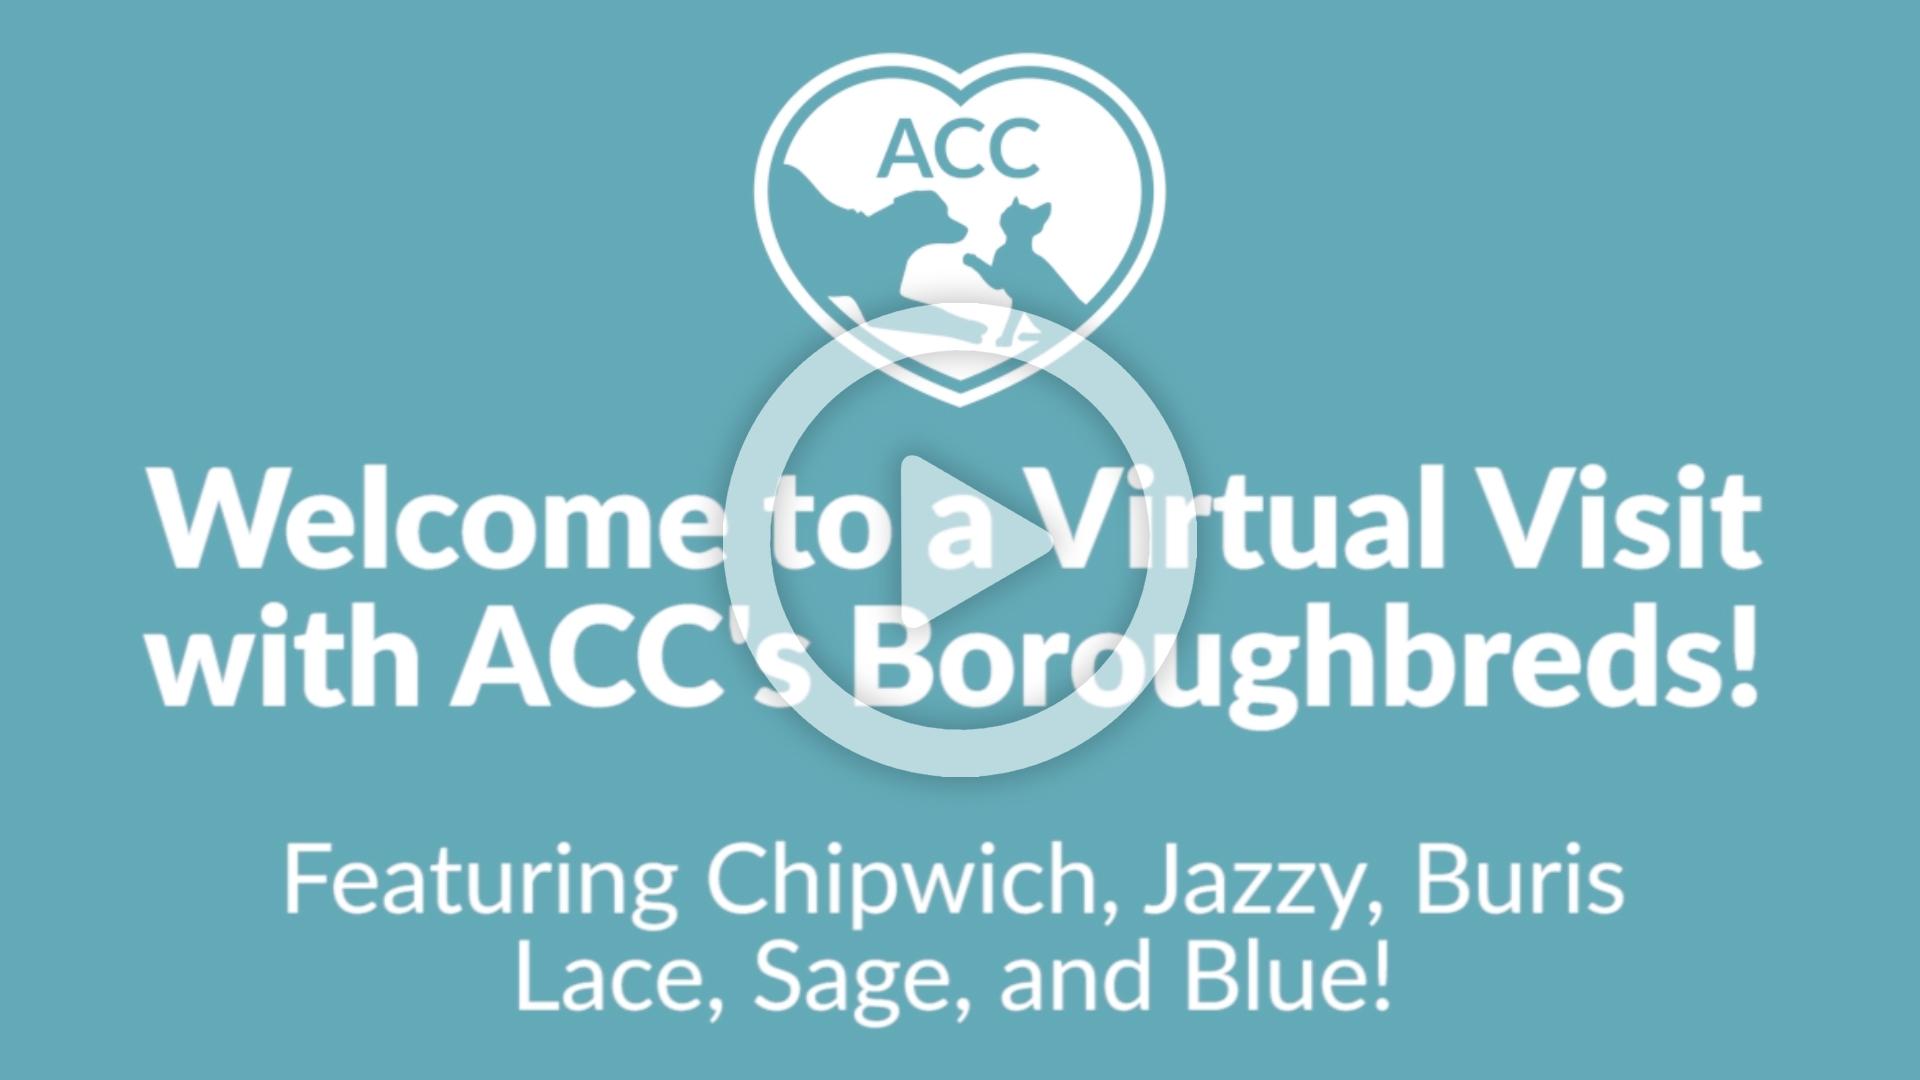 virtual visit 807